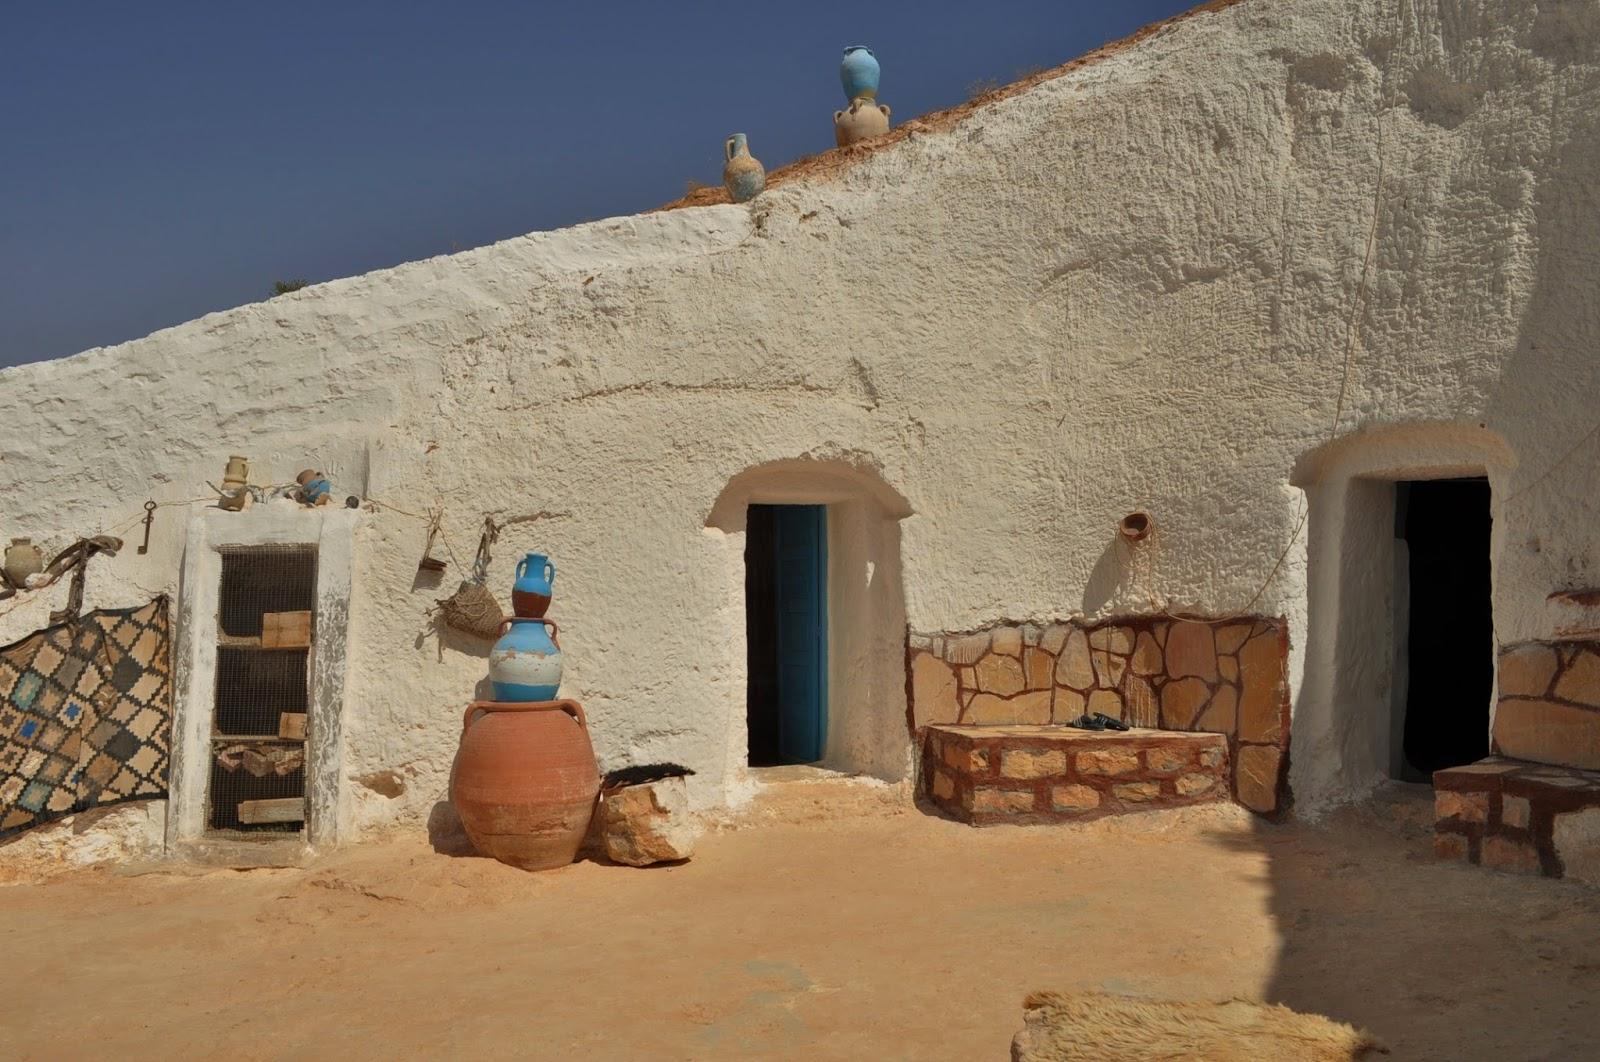 Това е Matmata  - едно от най-древните населени места в района